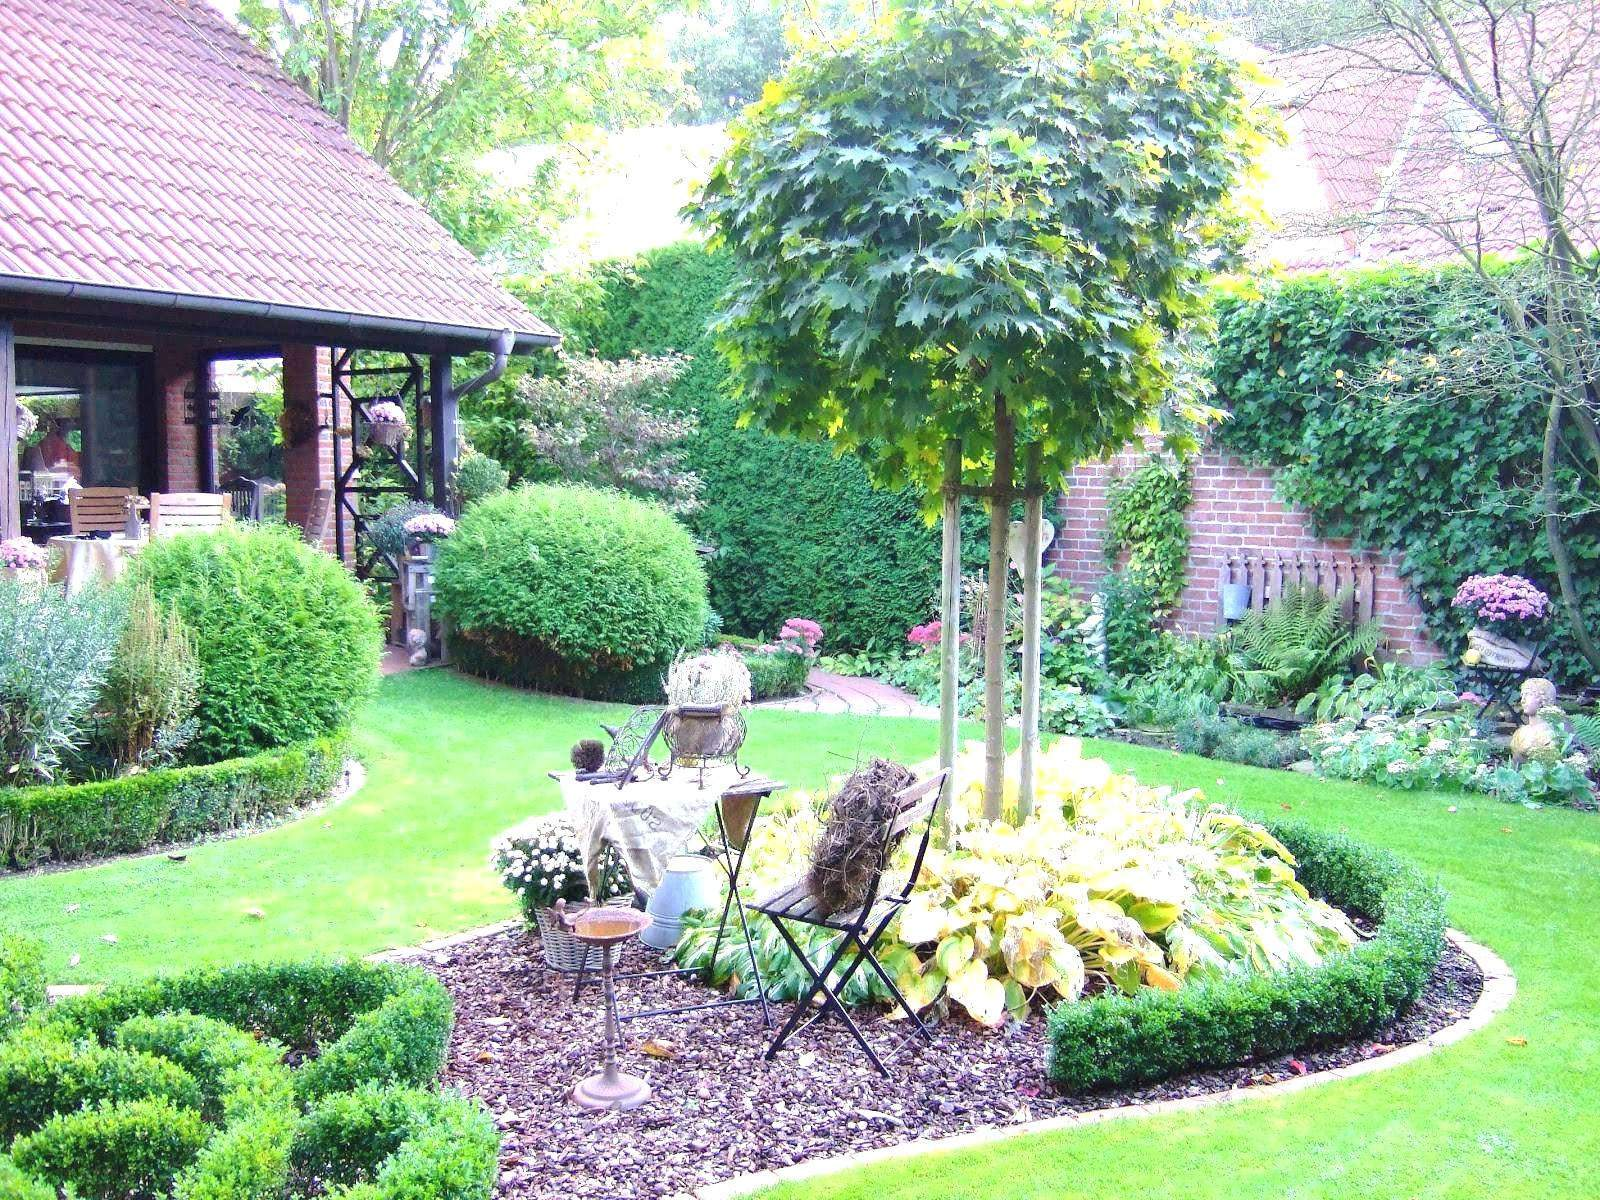 Blumen Im Garten Frisch 31 Elegant Blumen Im Garten Elegant